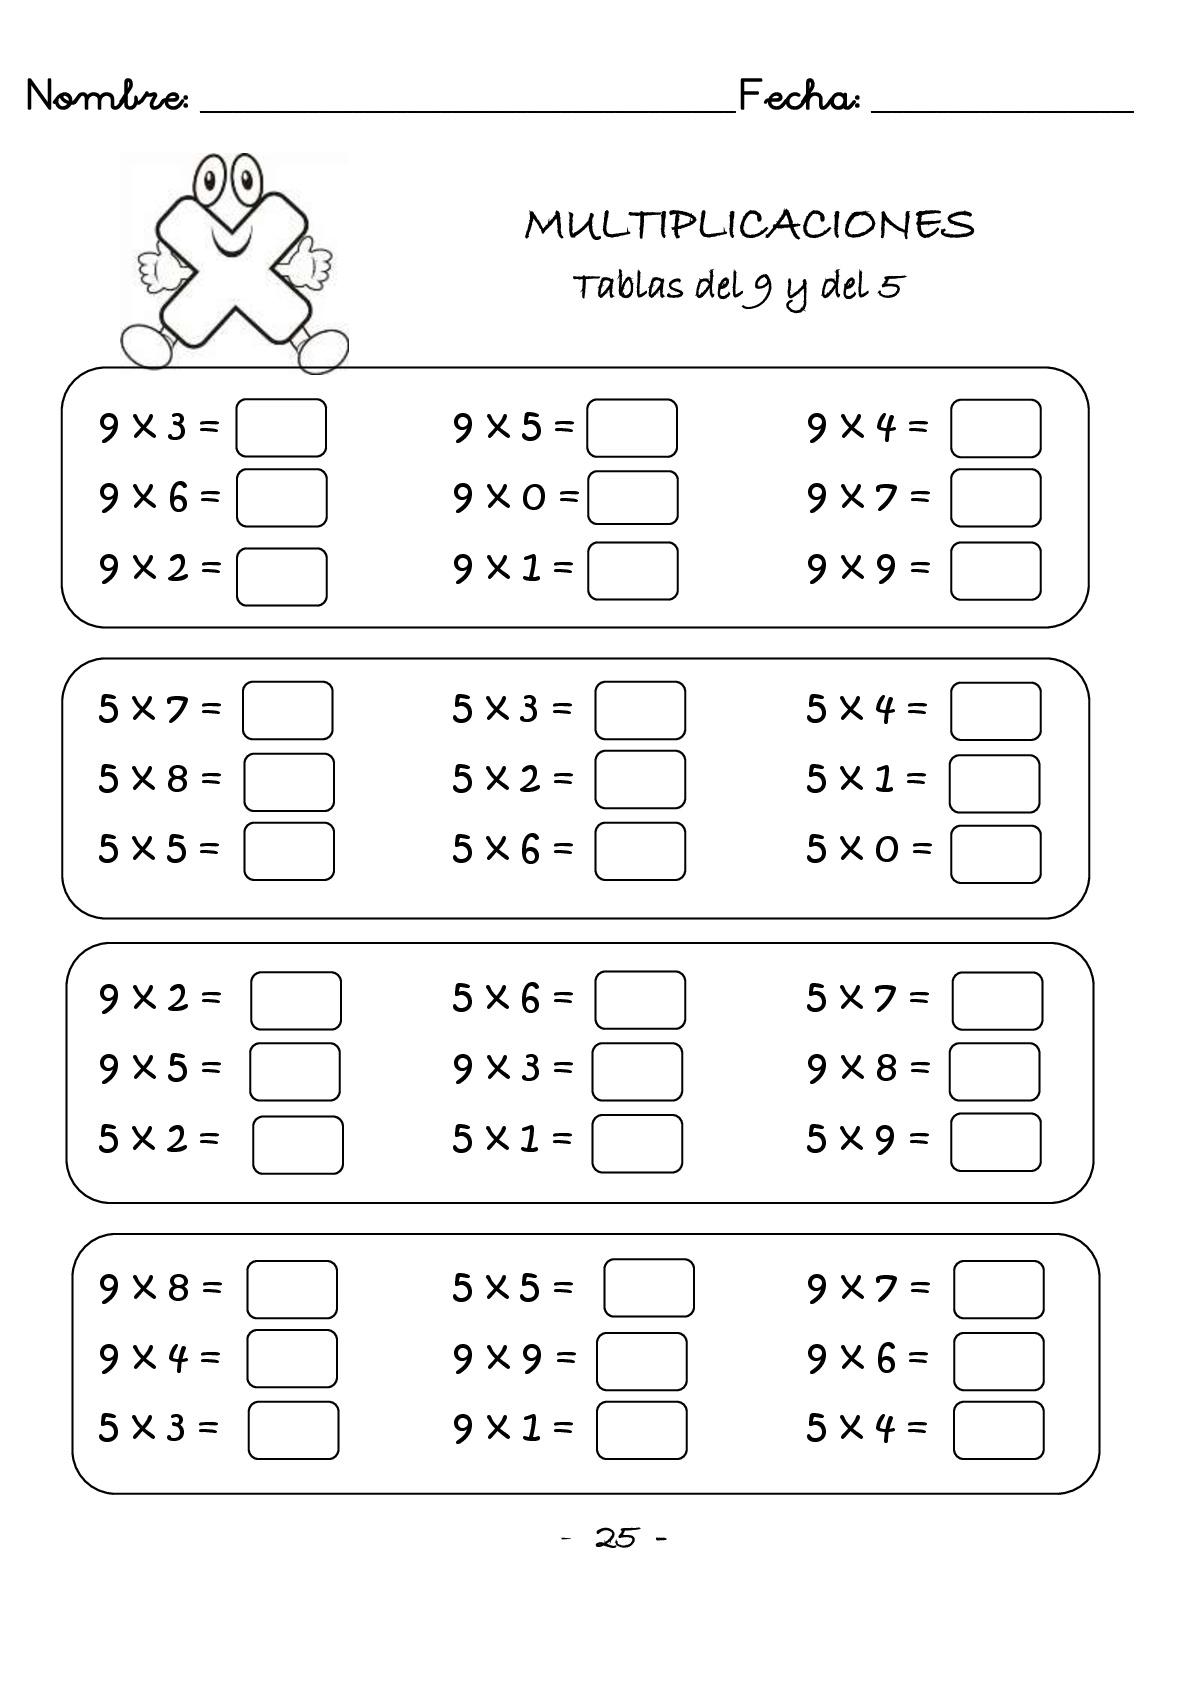 multiplicaciones-rapidas-una-cifra-protegido-026